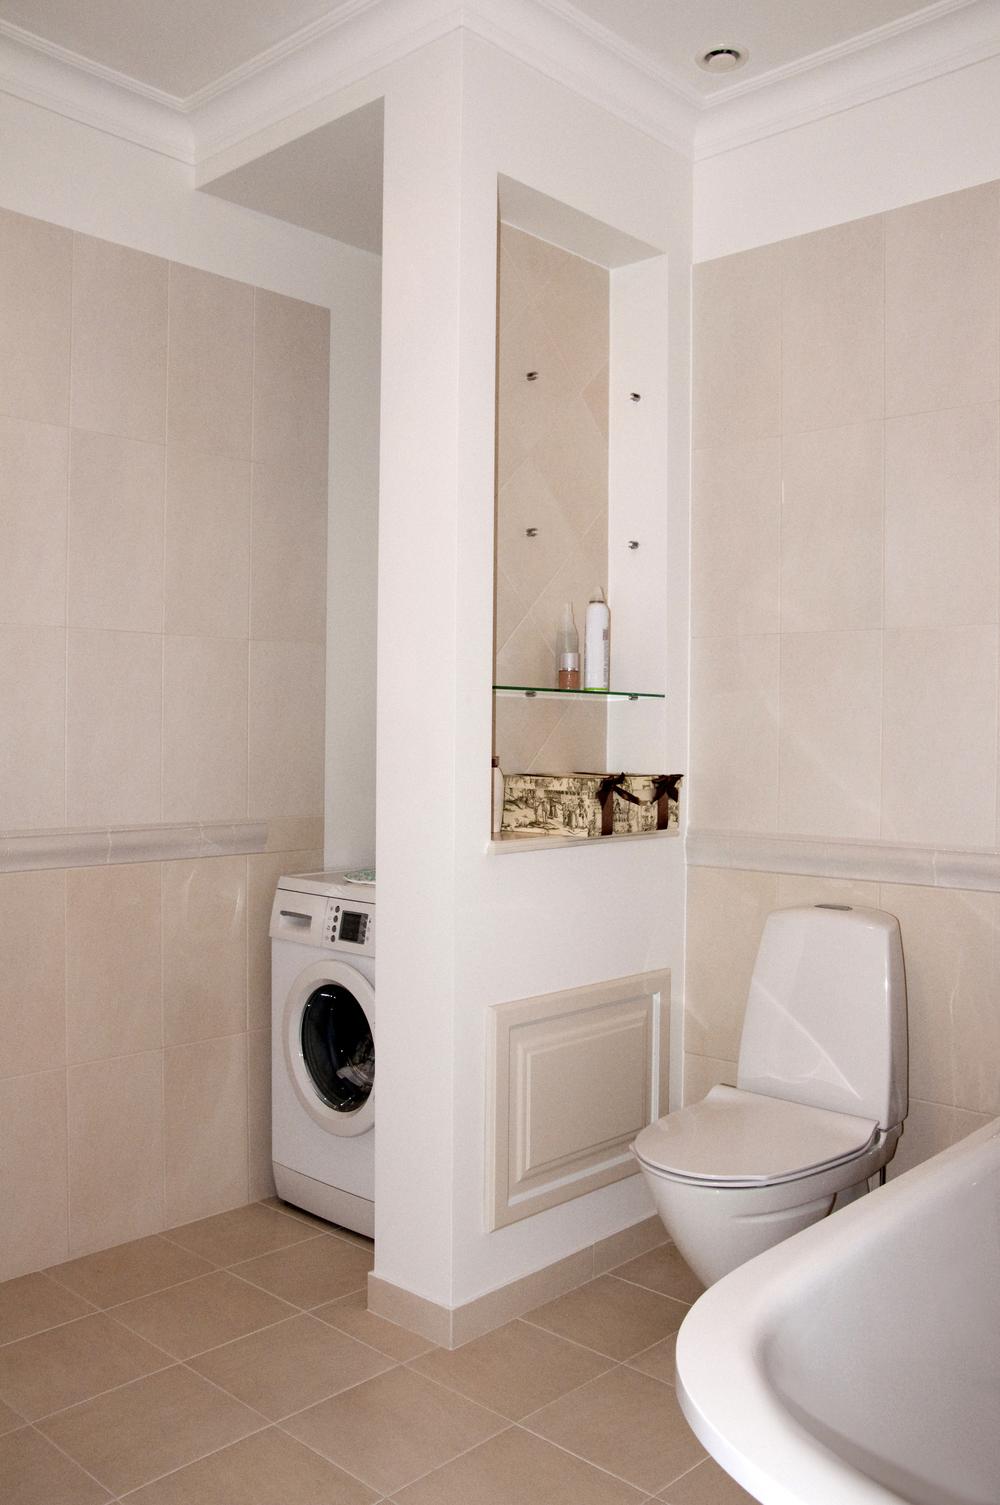 1oak_laundry room12.jpg